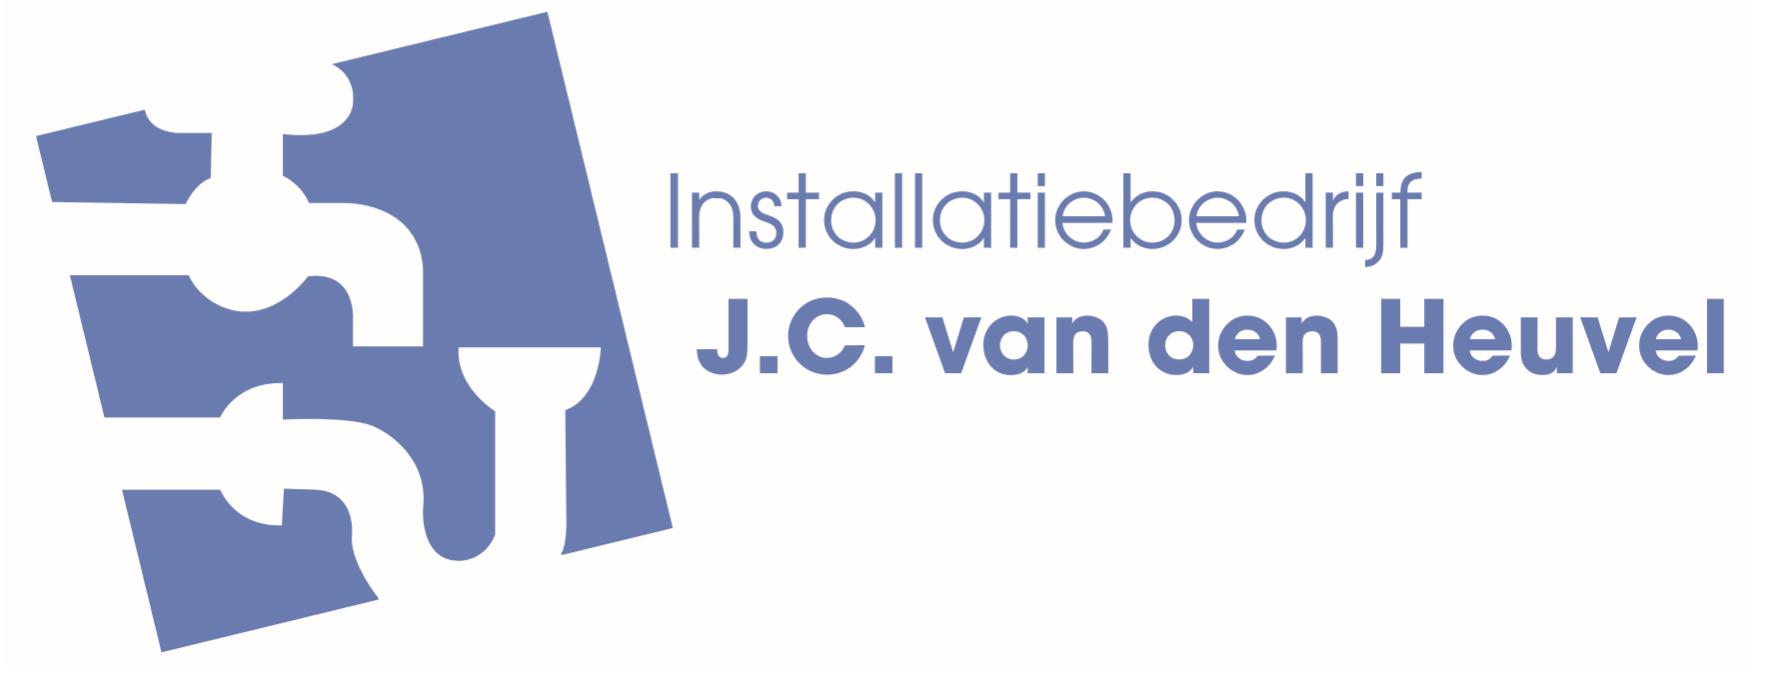 Installatiebedrijf Van De Heuvel